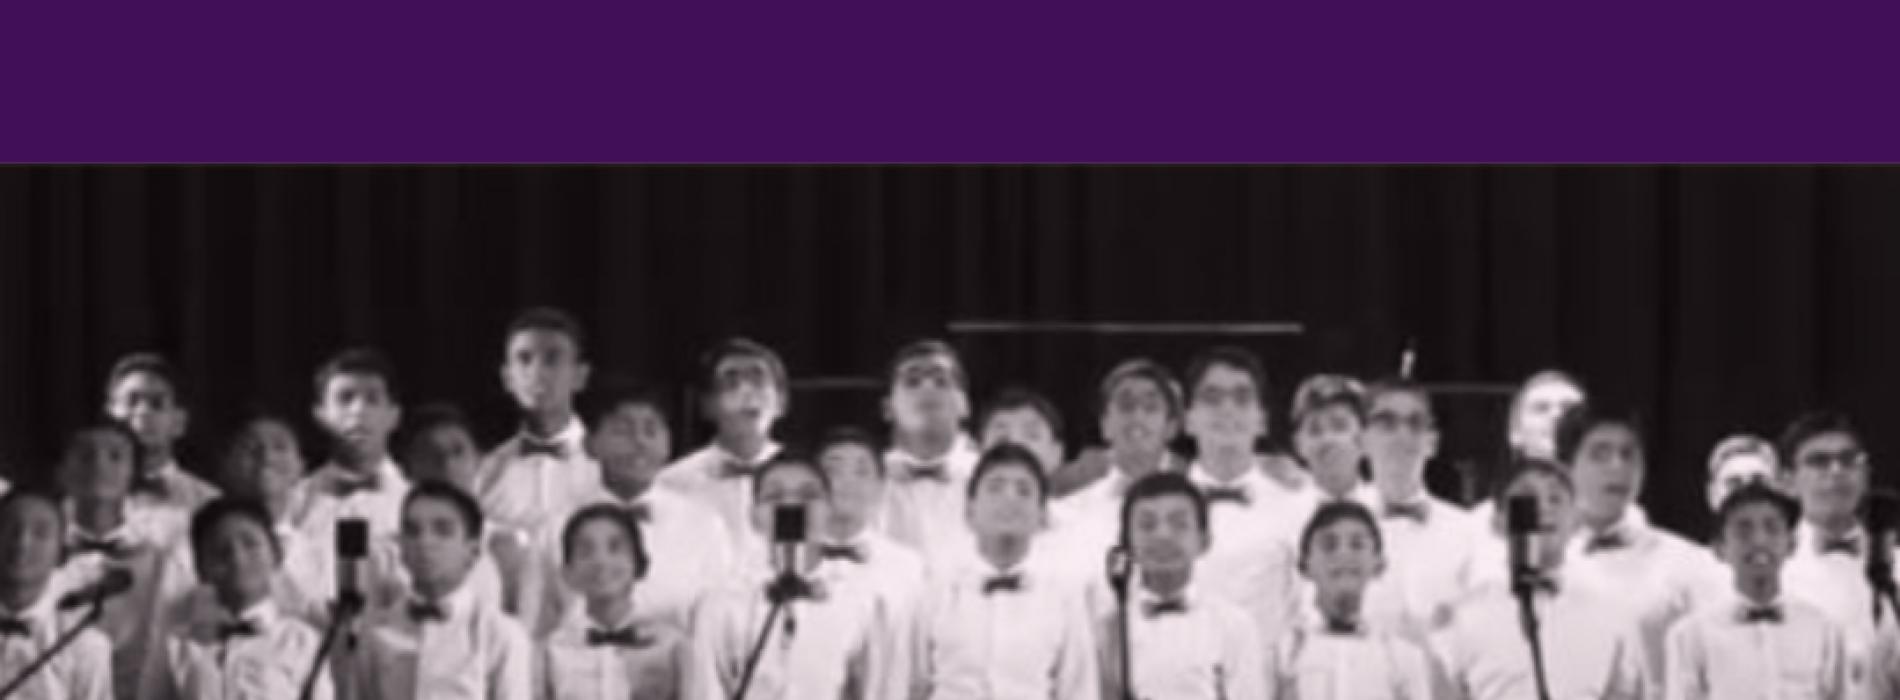 Naan Yen – A.R. Rahman (Cover) – S Thomas' Preparatory School Choir